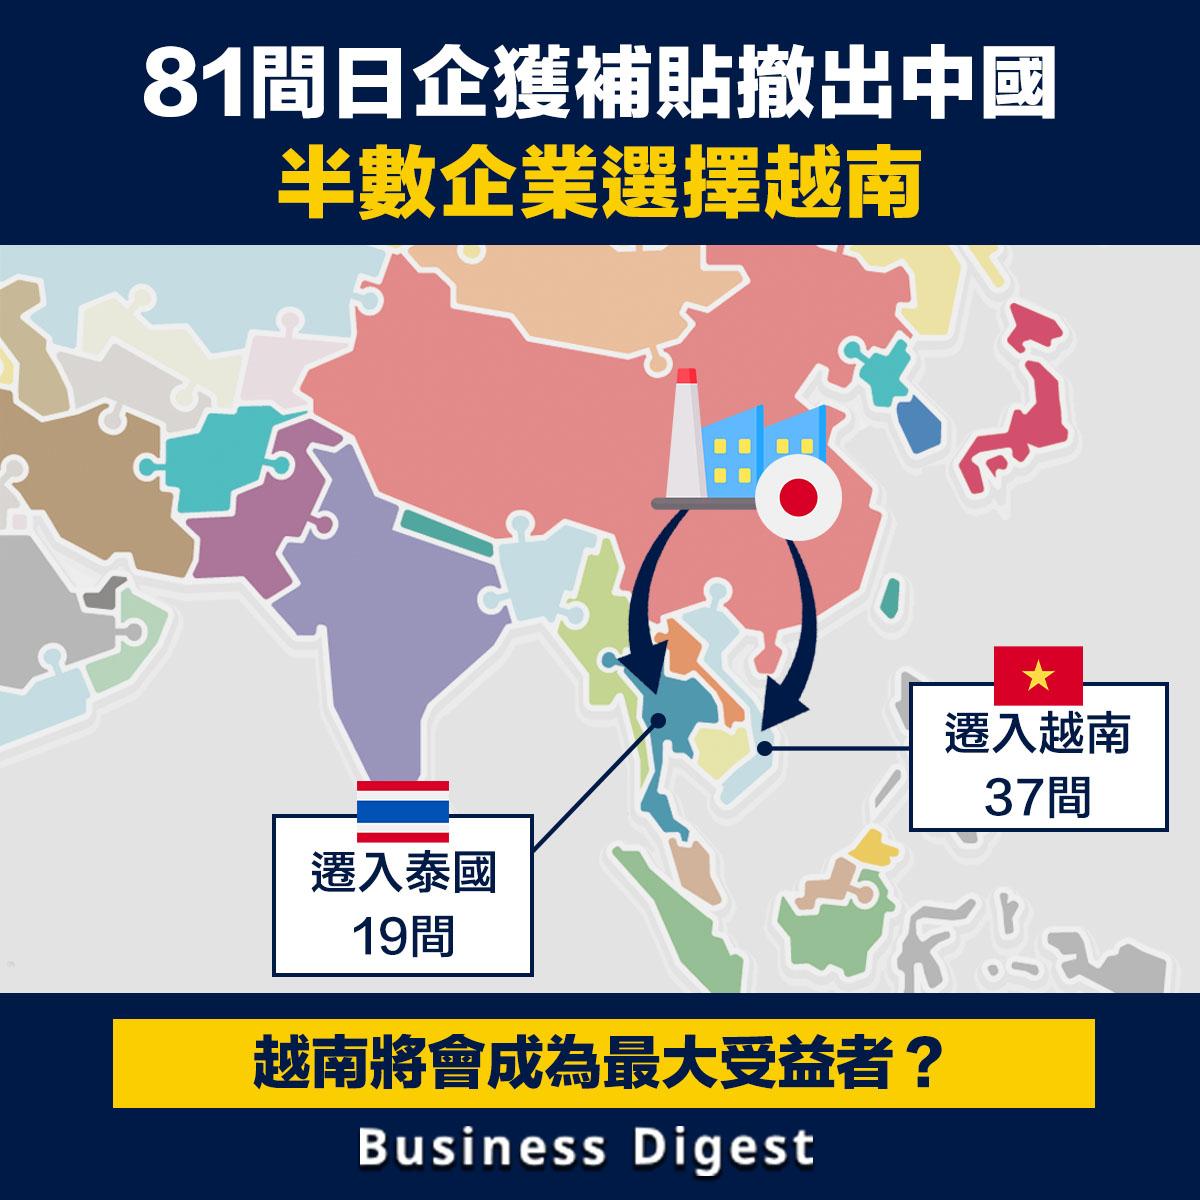 81間日企獲補貼撤出中國,半數企業選擇越南